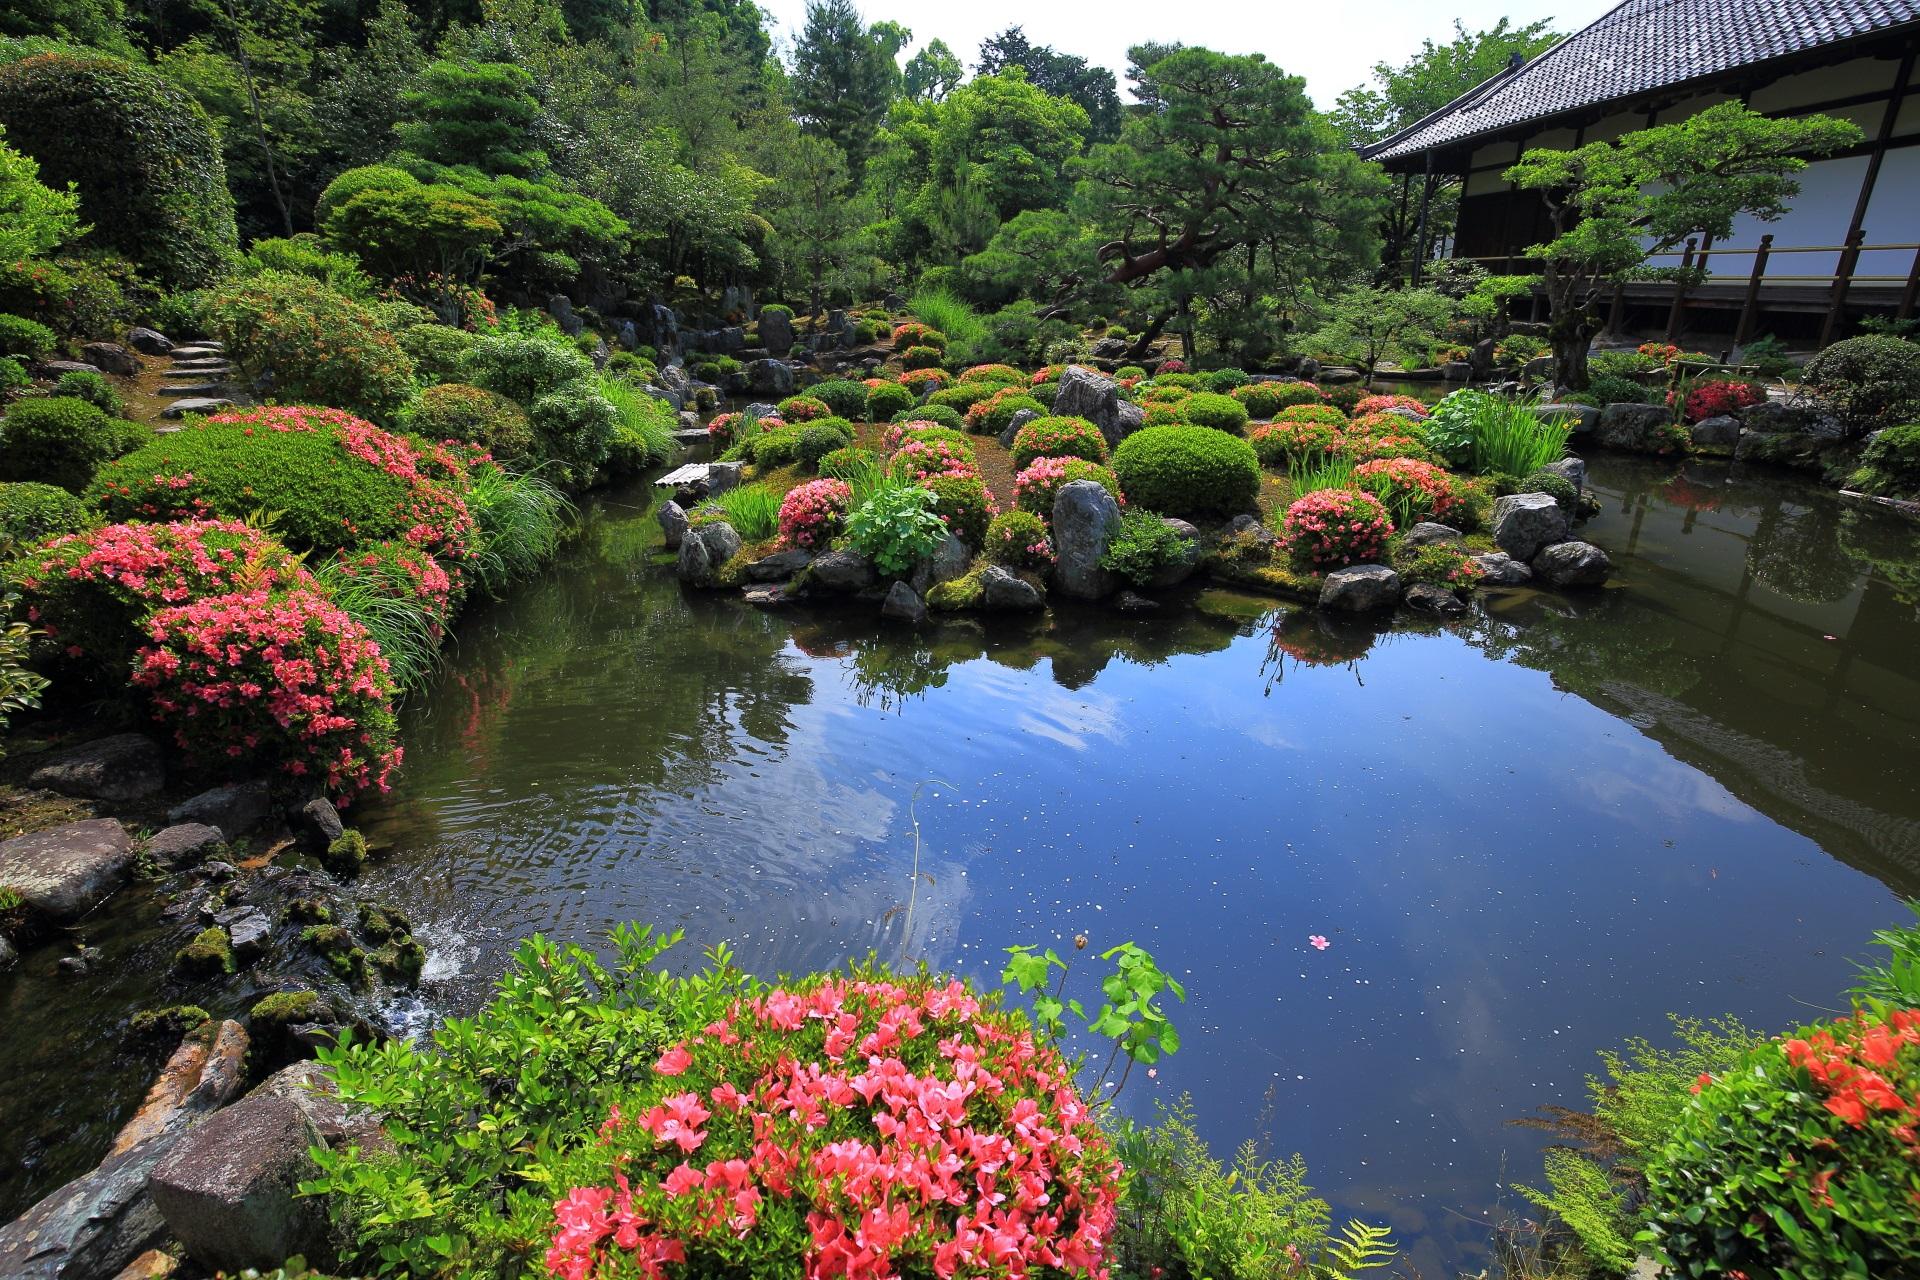 違った雰囲気や情景を楽しめる芙蓉池のさつき